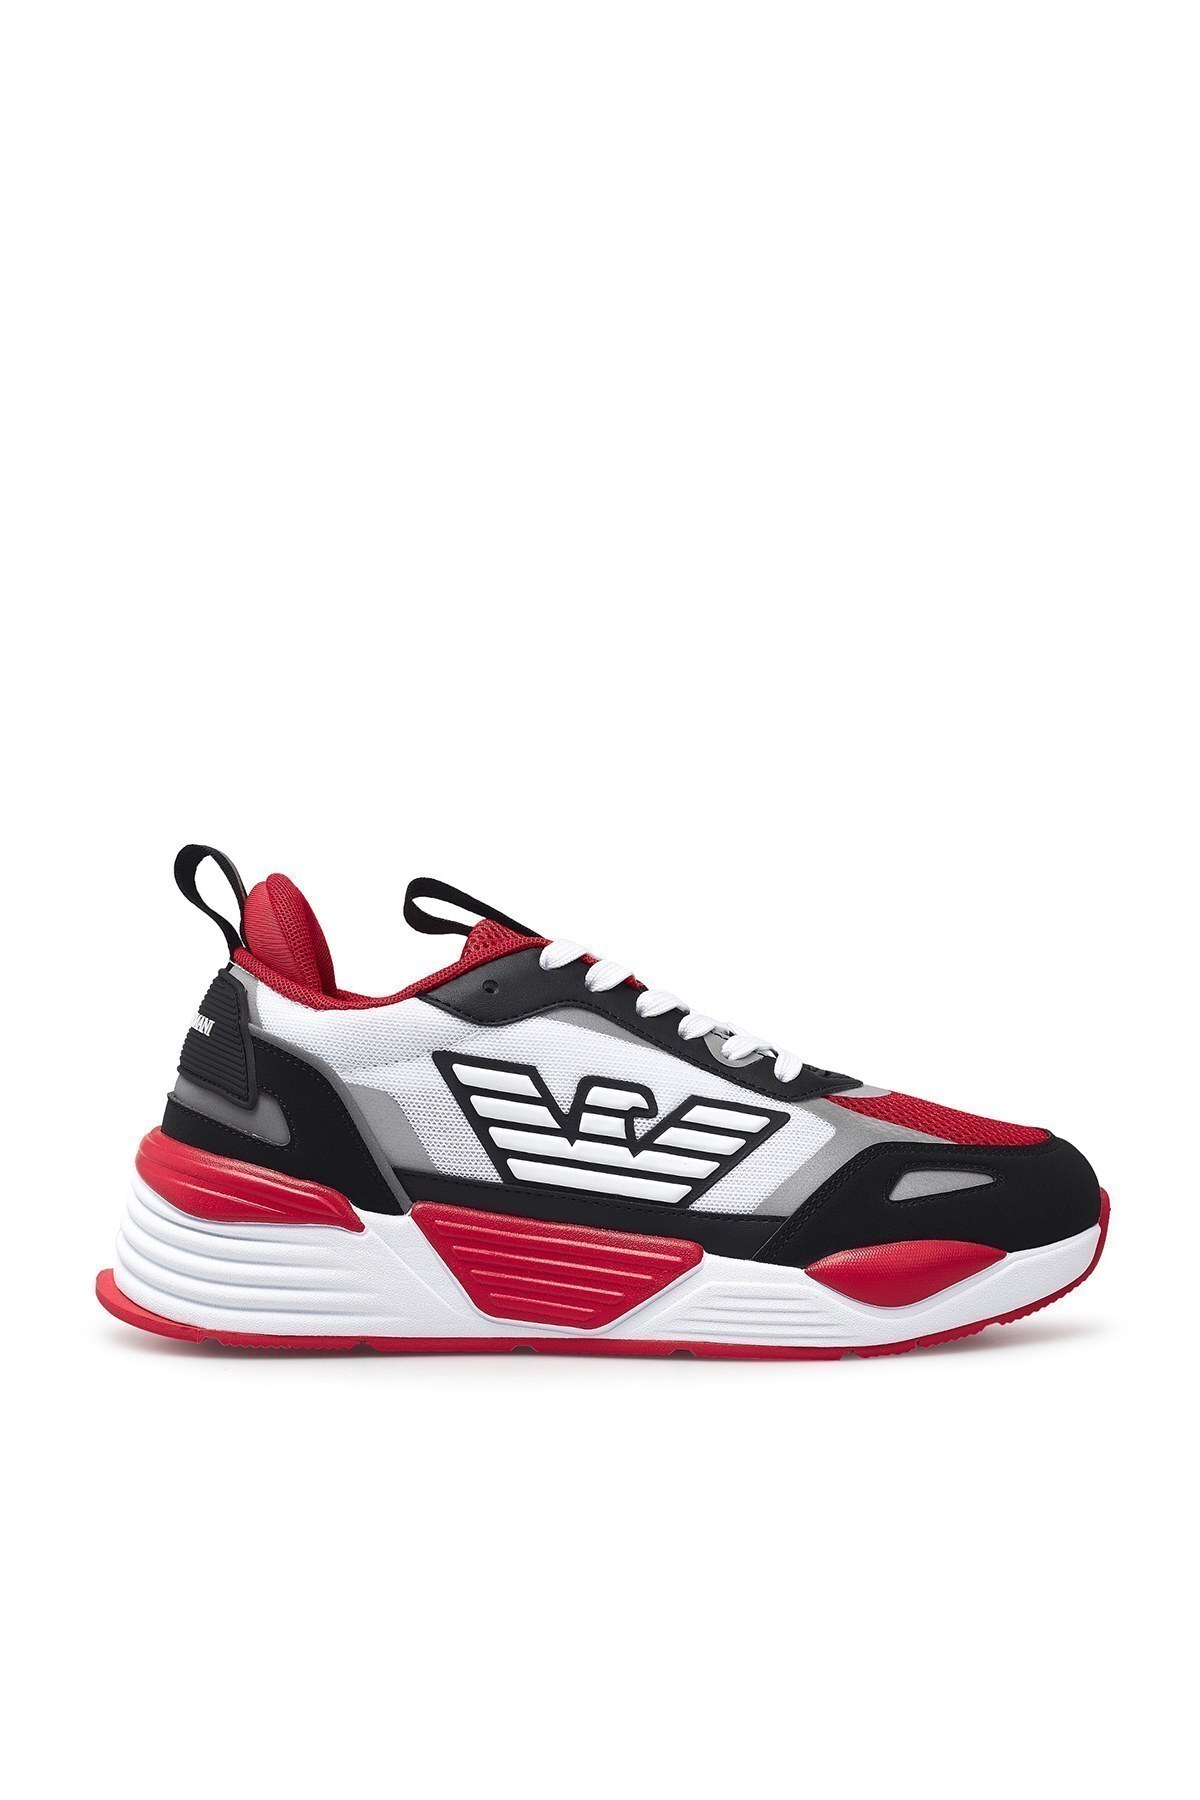 Emporio Armani Erkek Ayakkabı X4X325 XM521 A603 BEYAZ-KIRMIZI